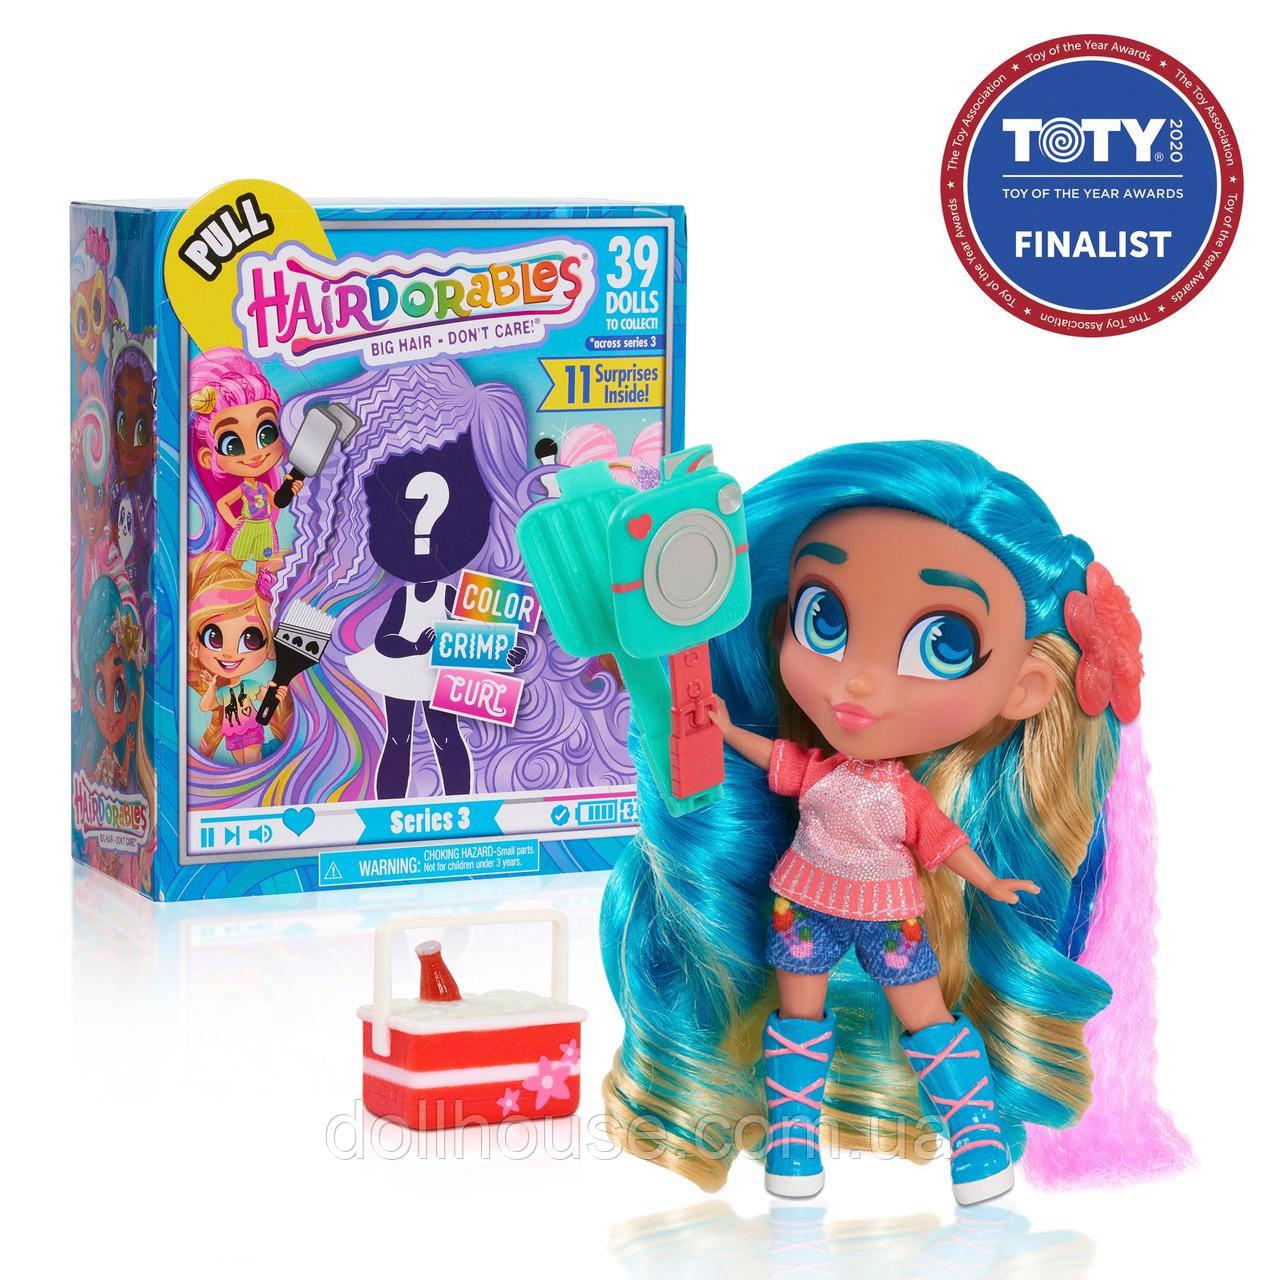 Hairdorables S3 Хэрдораблс 3 серия кукла сюрприз с роскошными волосами Collectible Dolls Series 3